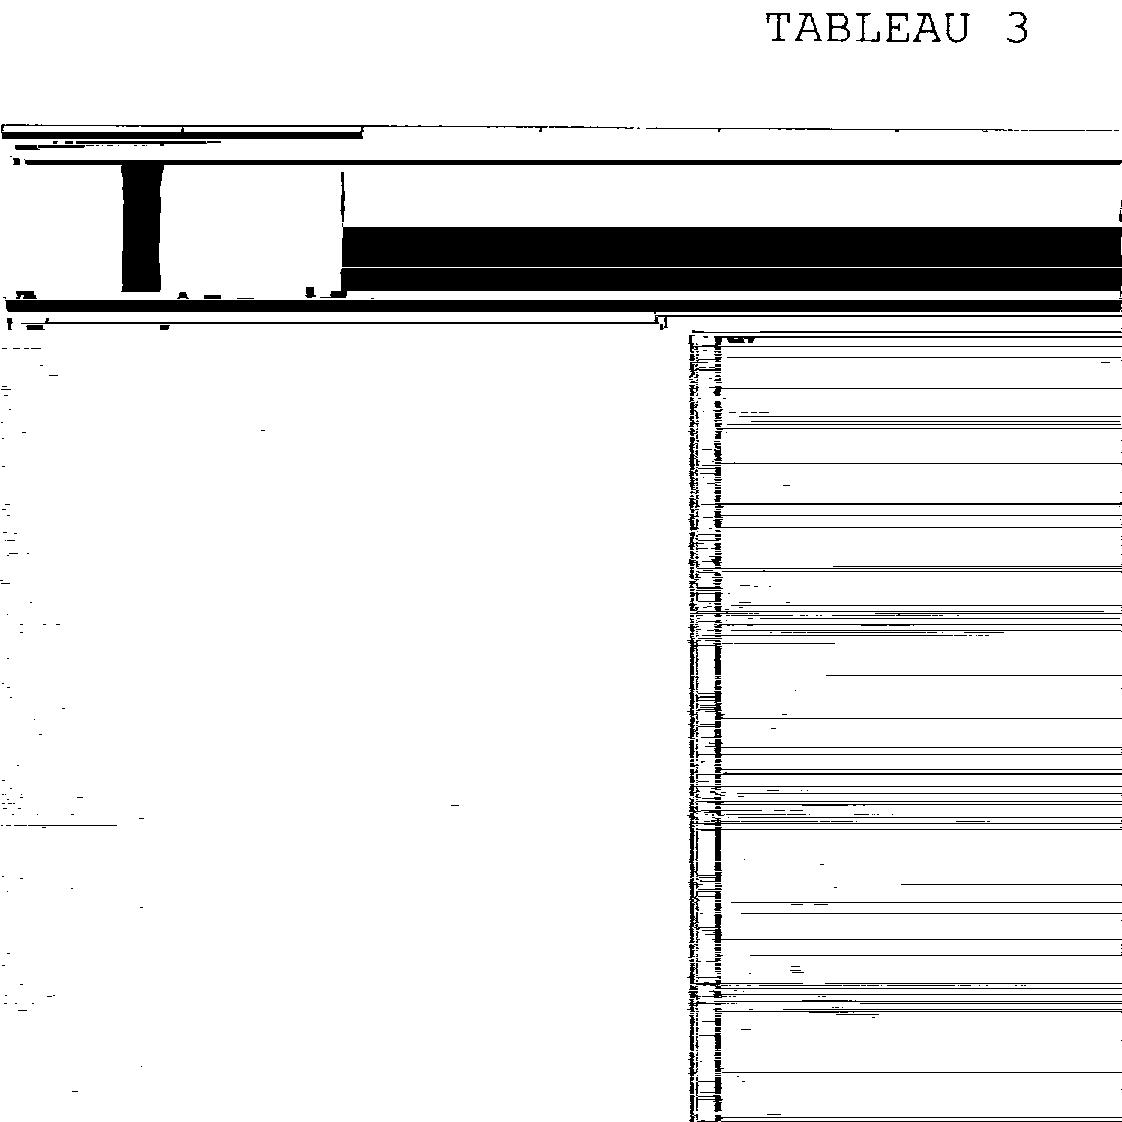 Figure img00110011